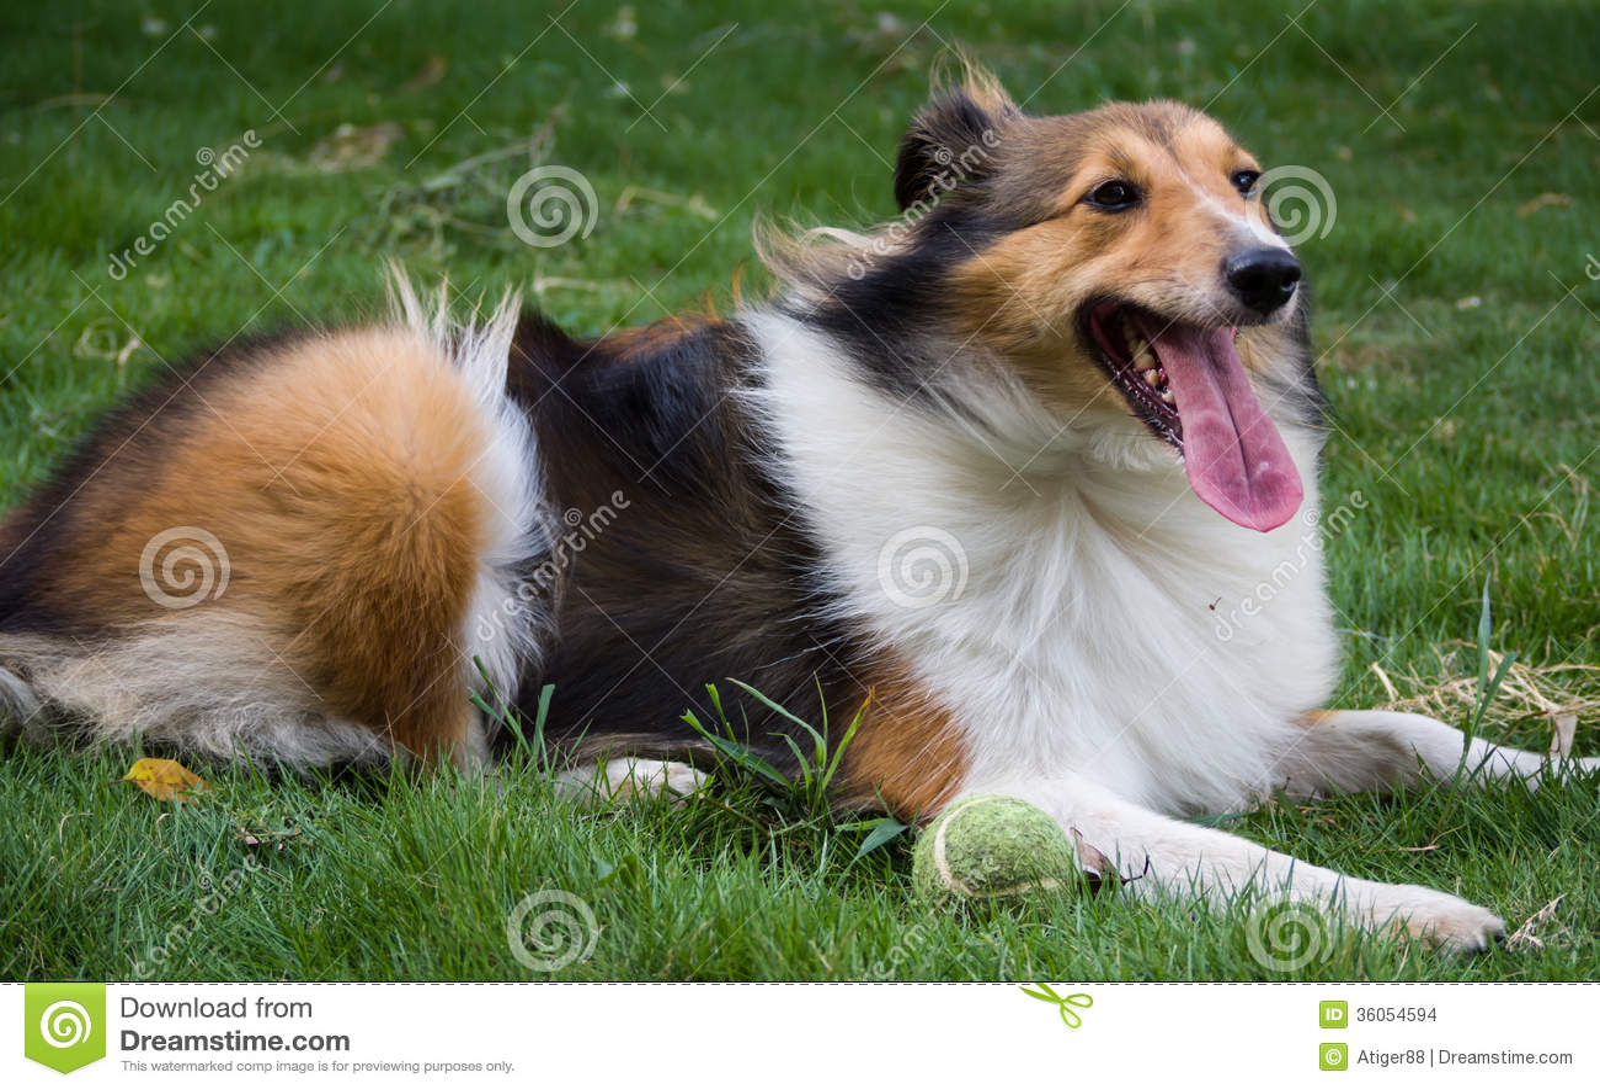 Dog Shetland Sheepdog Stock Images Image 36054594